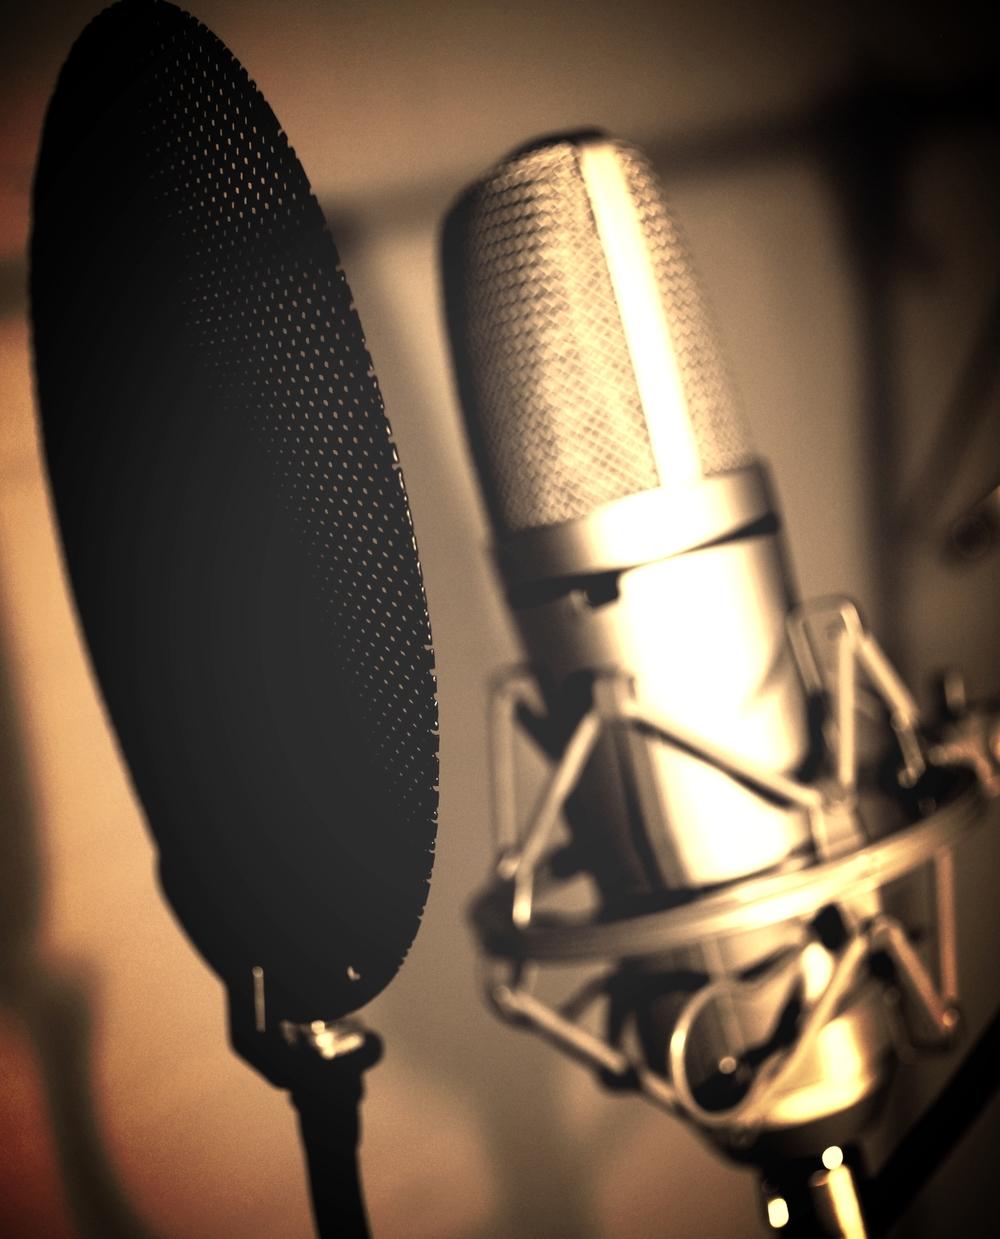 Sølvfarget stormembranmikrofon foran et sort popfilter, klar til innspilling